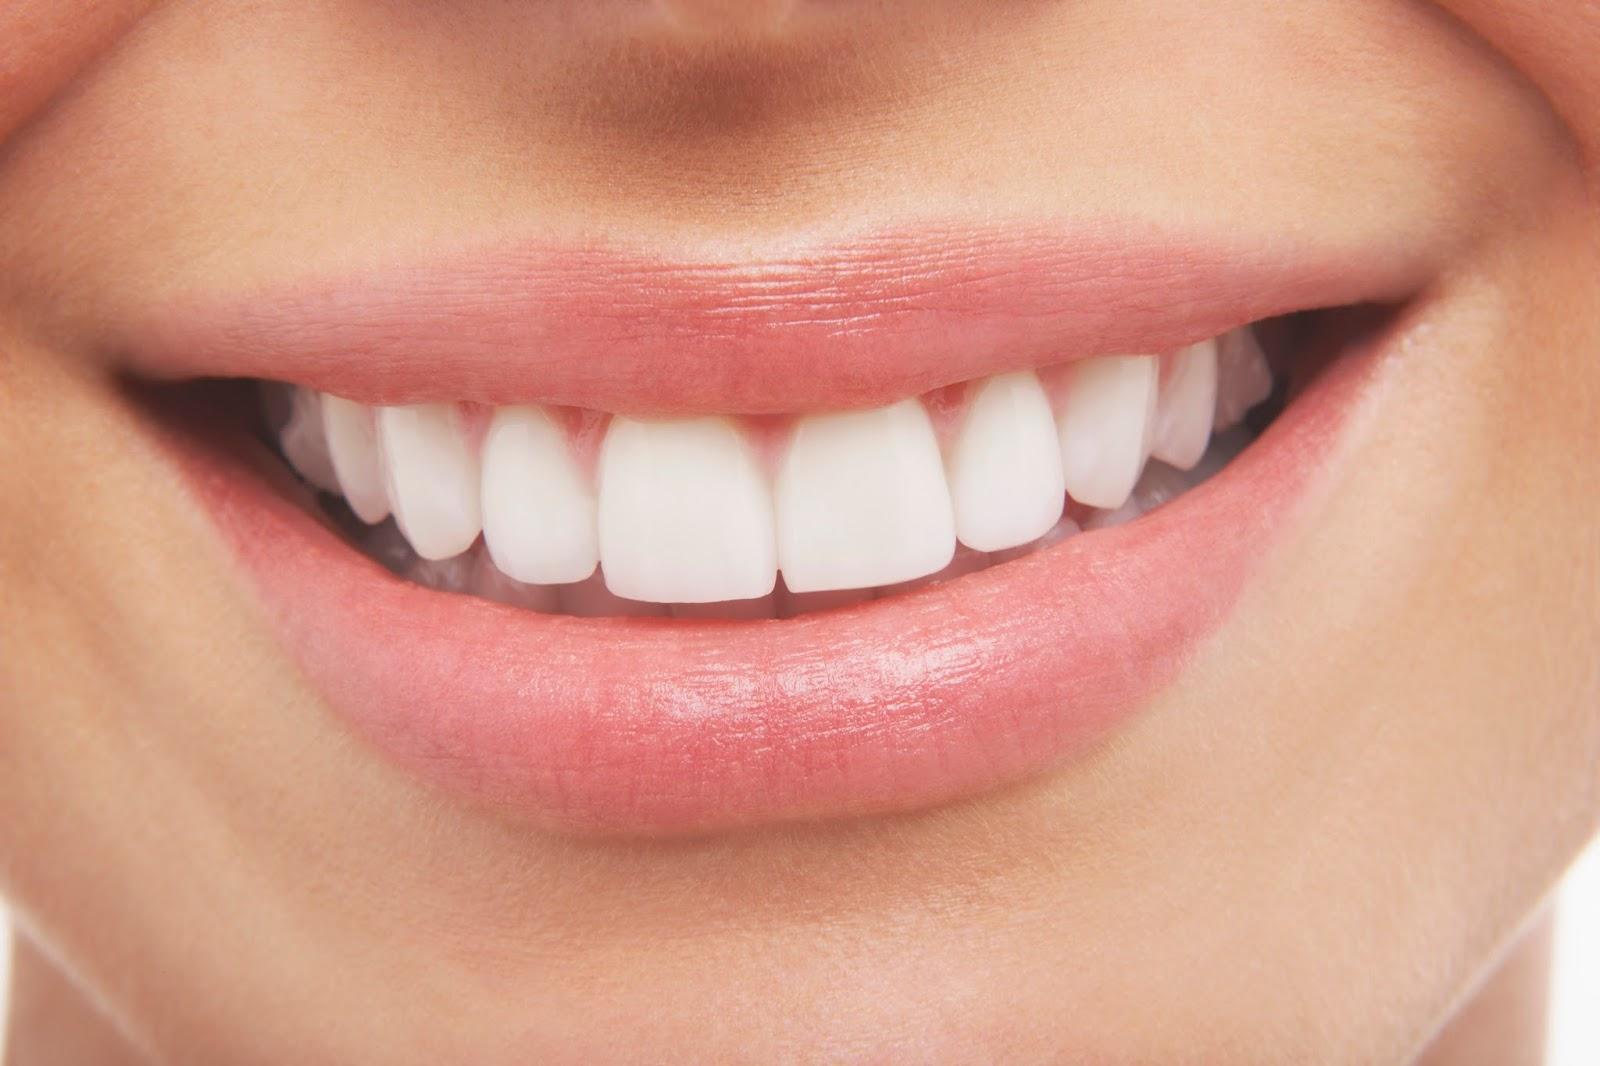 दांतों का स्वास्थ्य: ब्रश करने की पांच सामान्य गलतियाँ जो लोग करते हैं